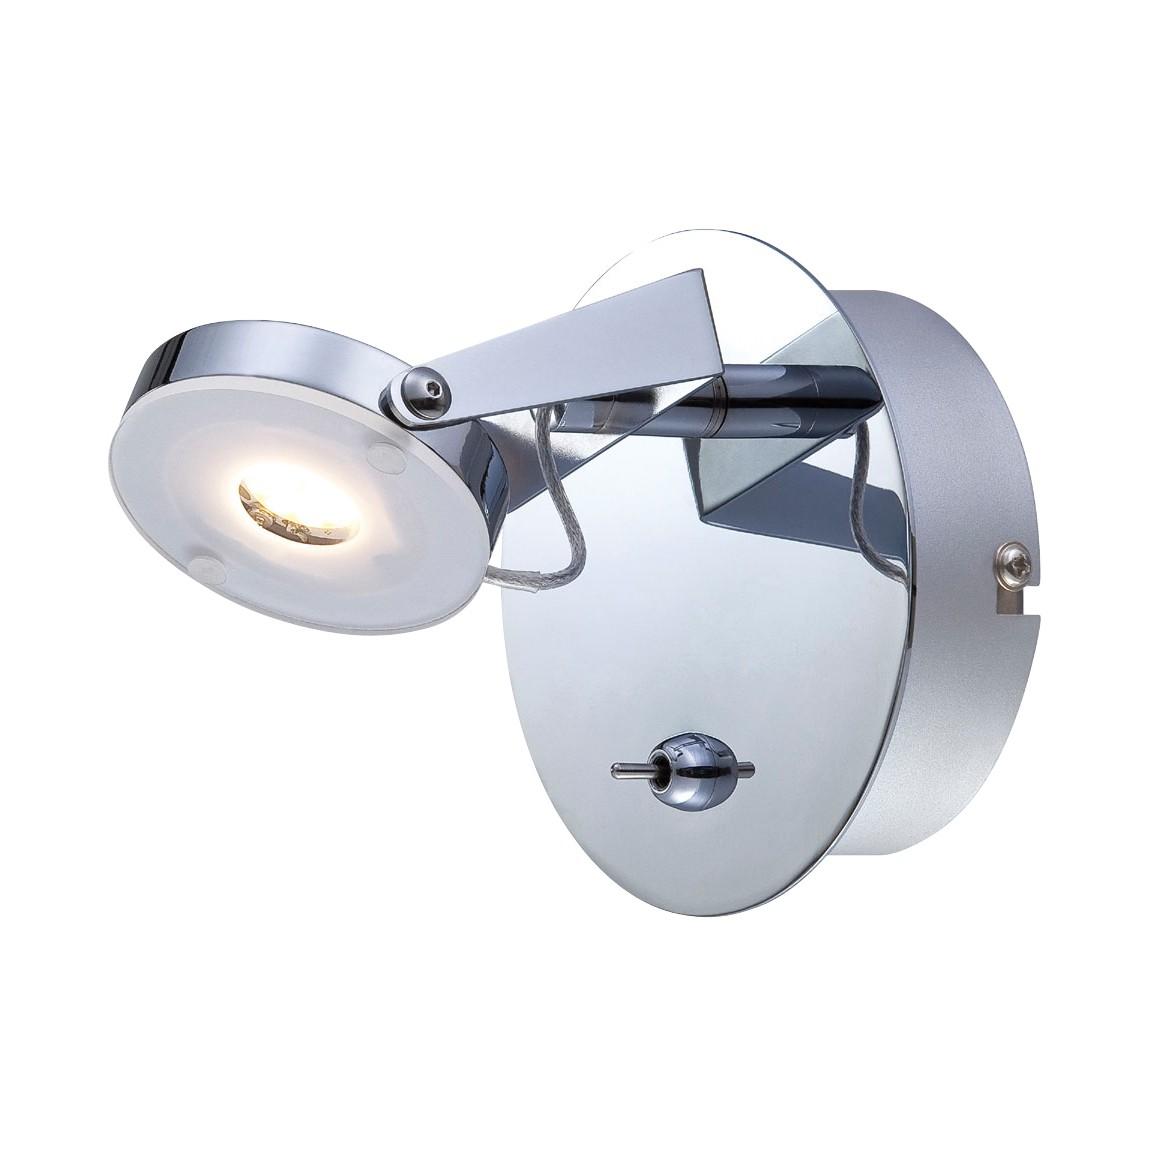 LED Wandleuchte Platrix ● Metall ● Silber- Näve A+